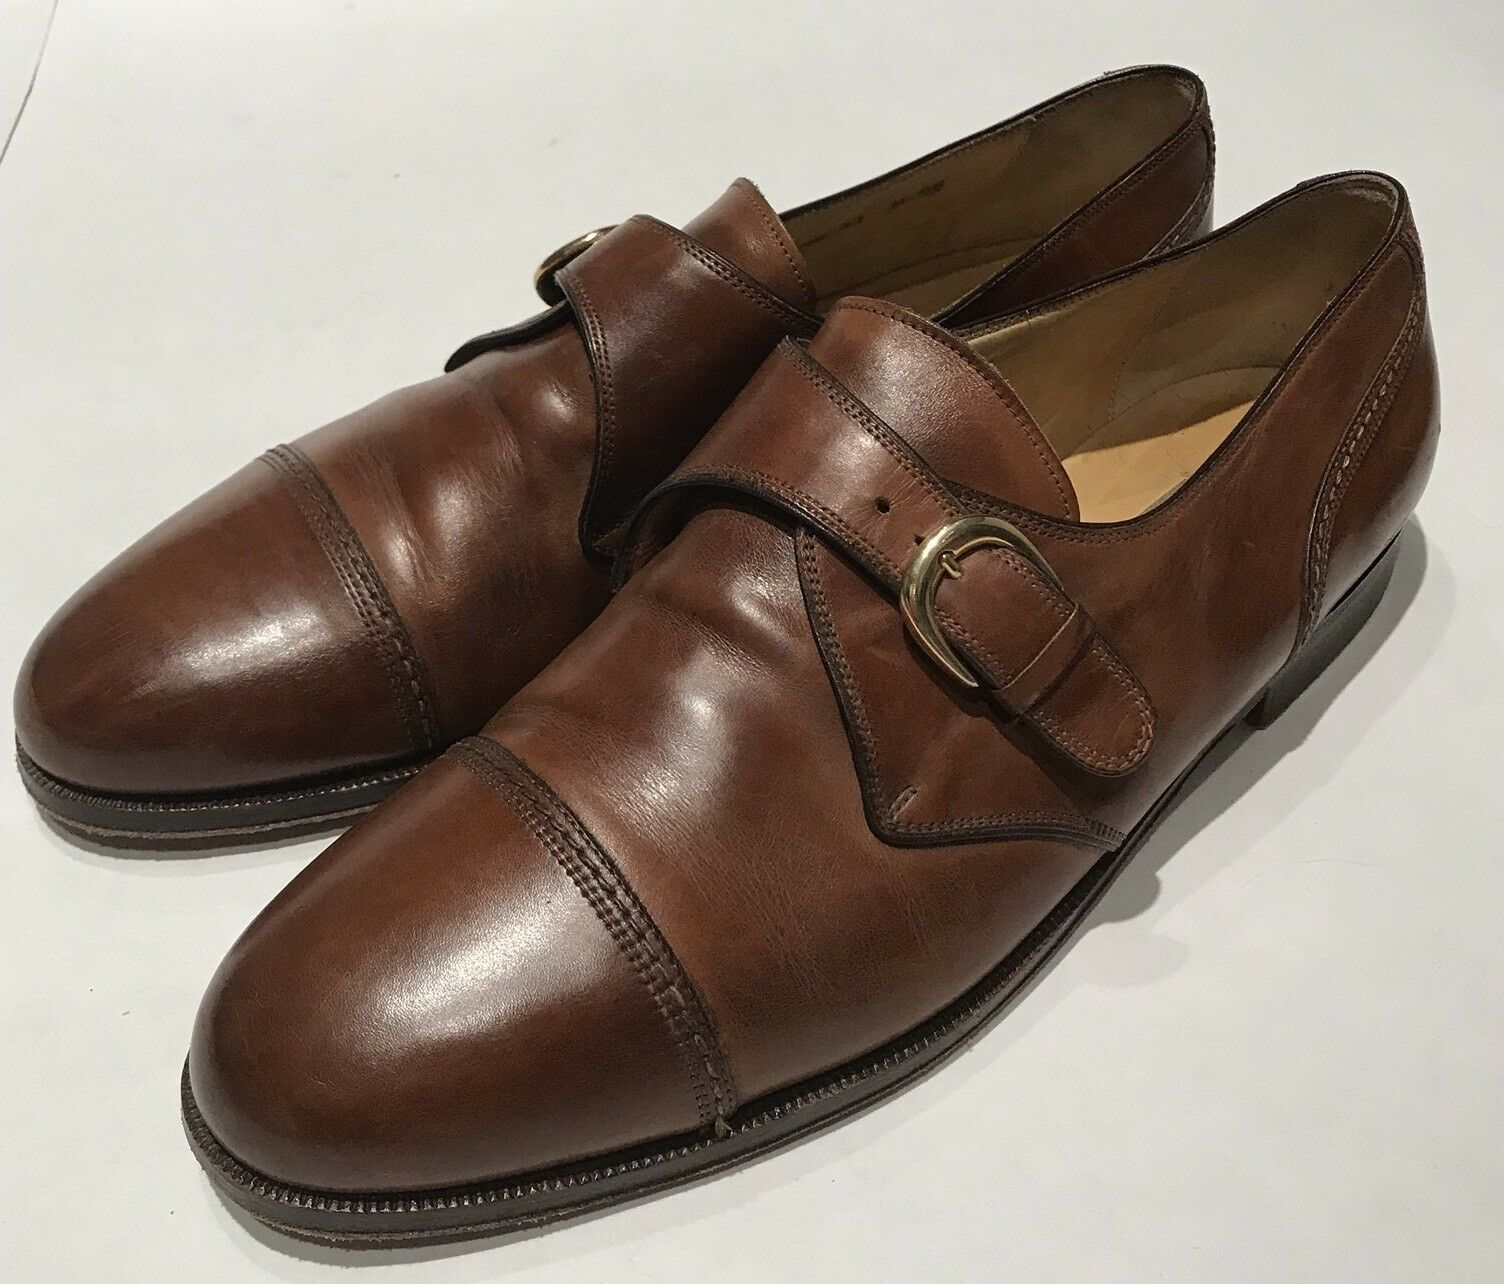 miglior prezzo migliore Cole Haan Monk Strap Cap Toe Dress scarpe scarpe scarpe Marrone Leather Dimensione 11 M  VTG  consegna gratuita